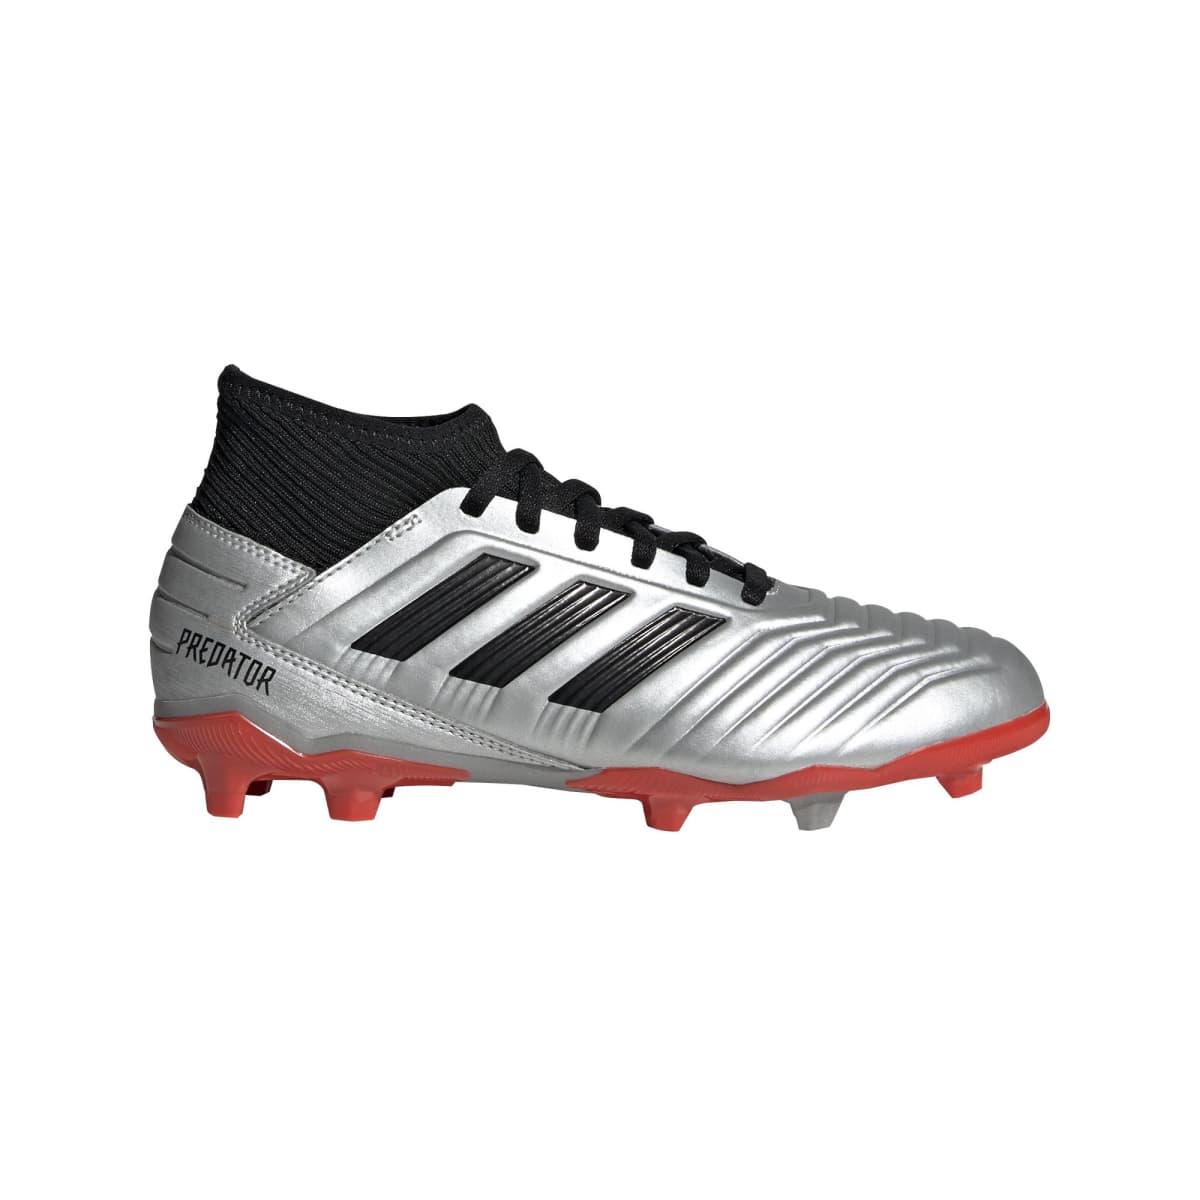 31a807e5152 Product Image. Adidas Junior Predator 19.3 FG